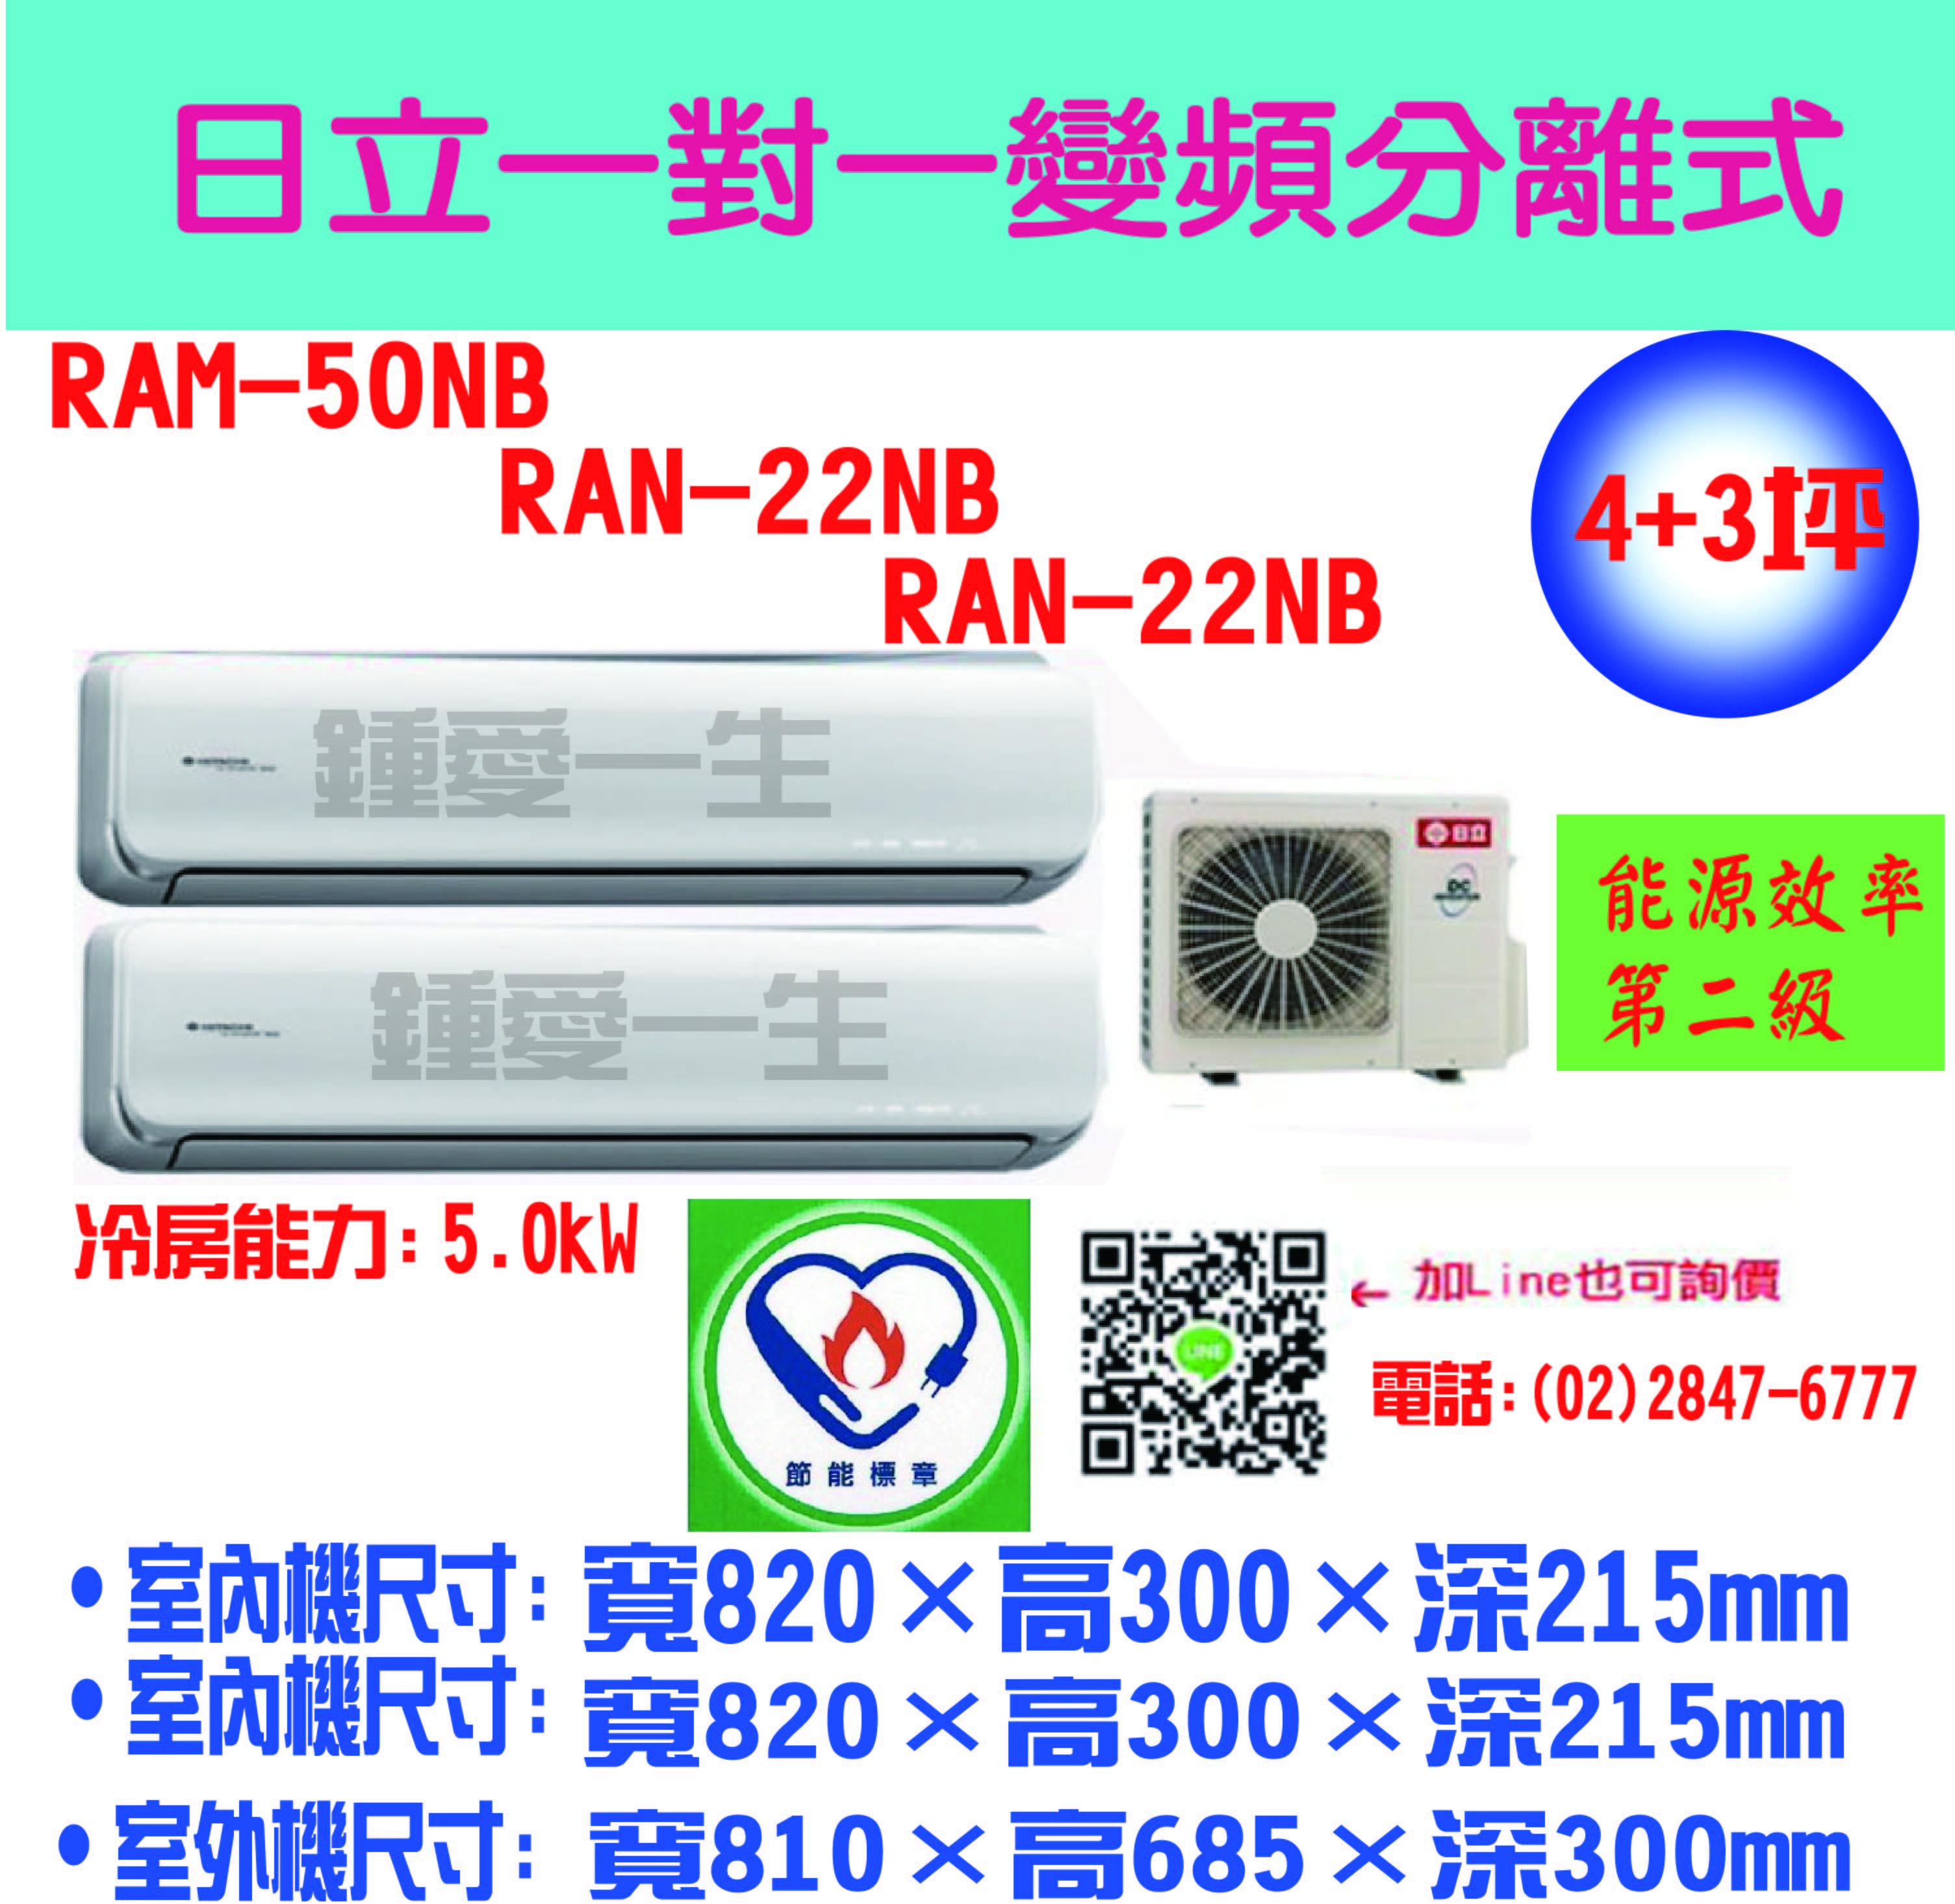 【鍾愛一生】【RAM-50NB / RAS-22NB + RAS-22NB】HITACHI 日立冷氣 變頻 冷暖 頂級型 分離式 一對二 日本原裝壓縮機 節能1級 適用3-5坪*2 免費基本安裝